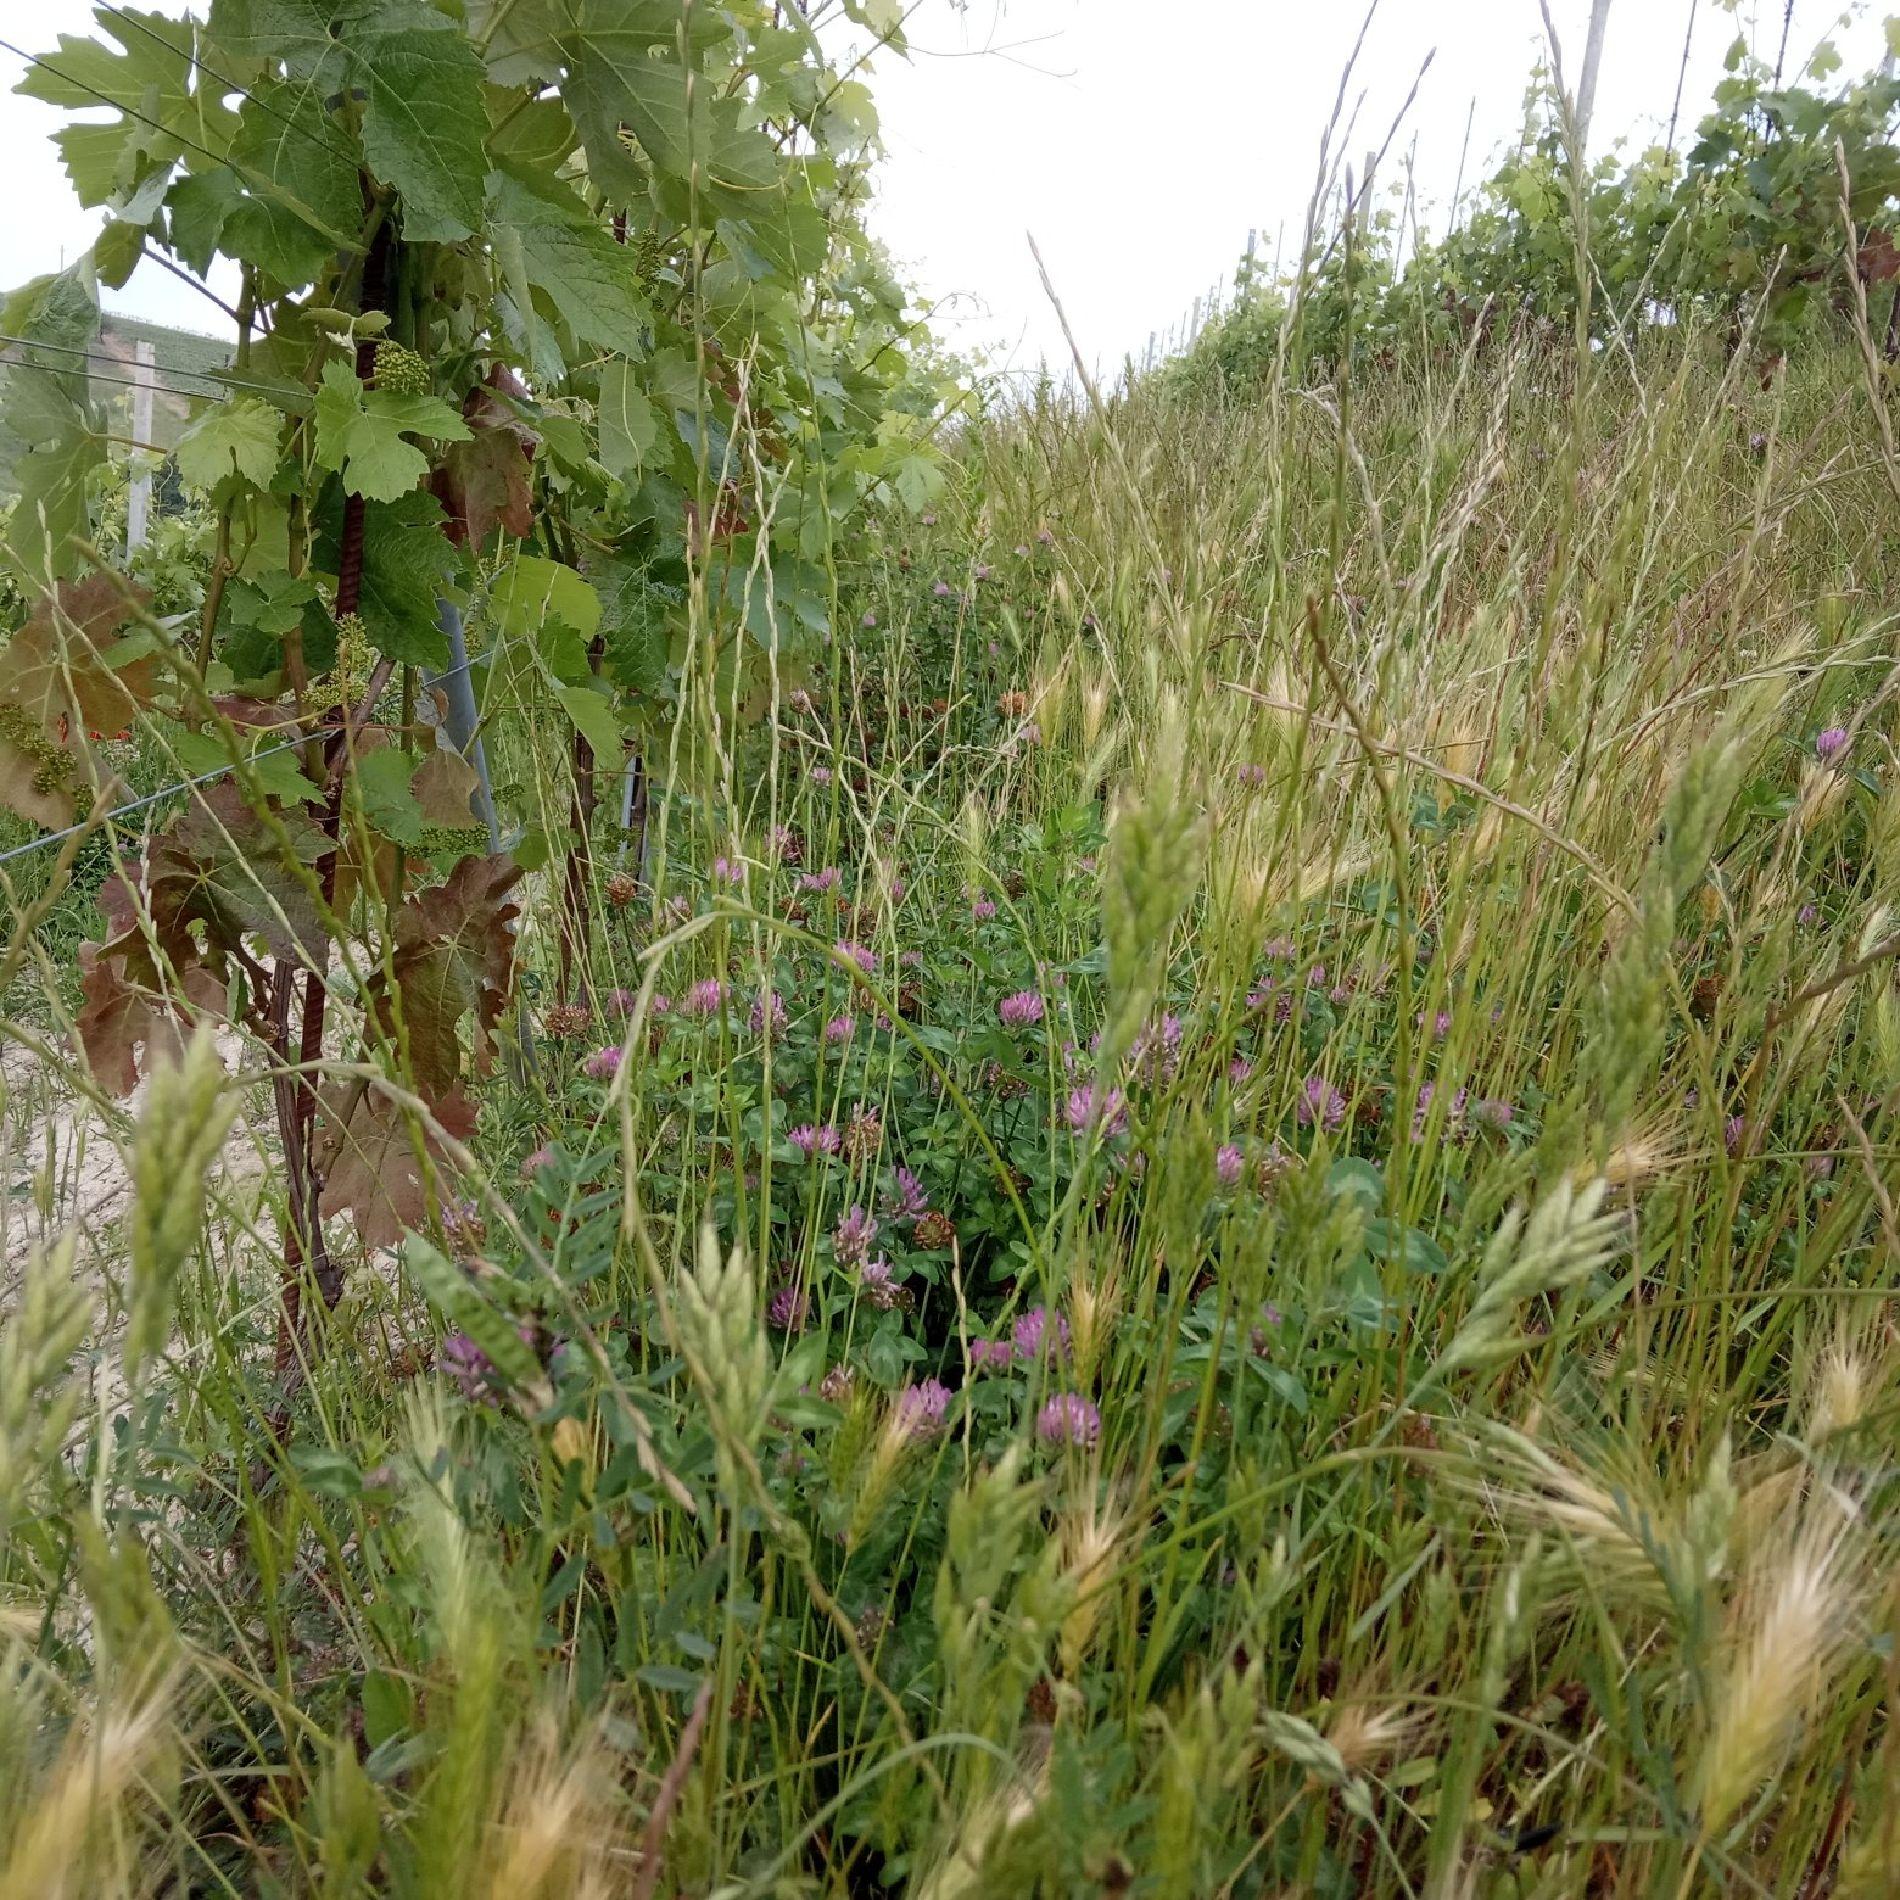 Barovero piante spontanee